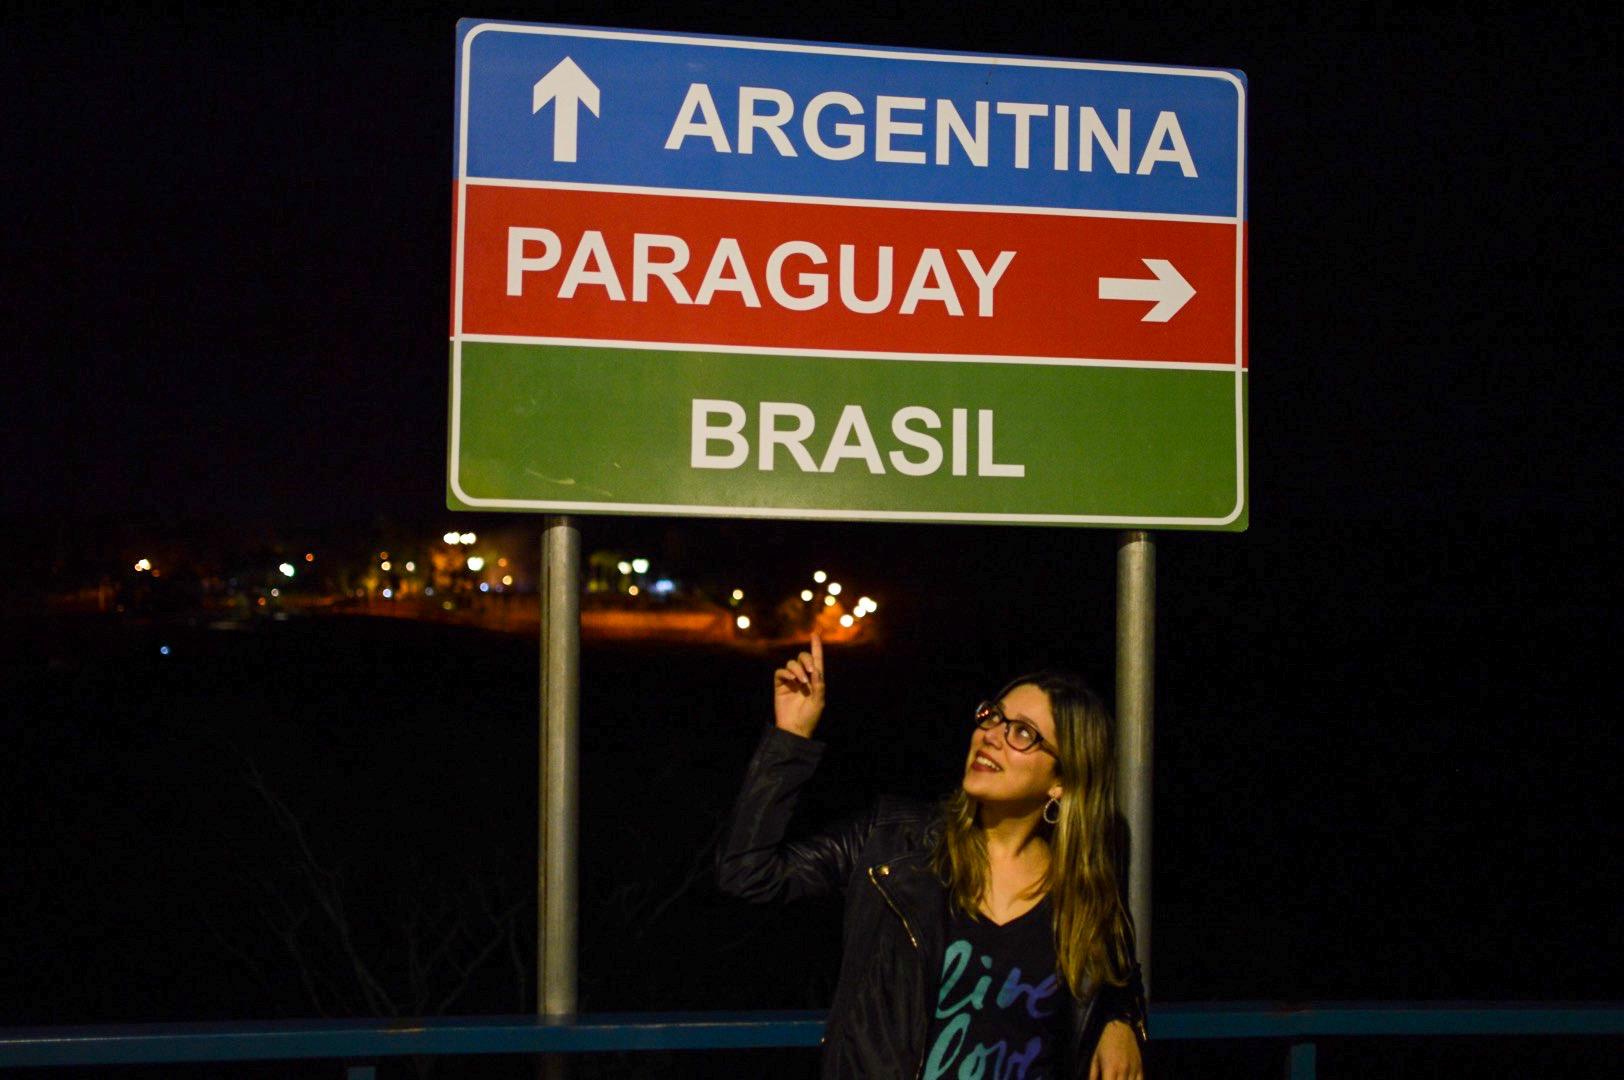 Placa da tríplice fronteira em Foz do Iguaçu